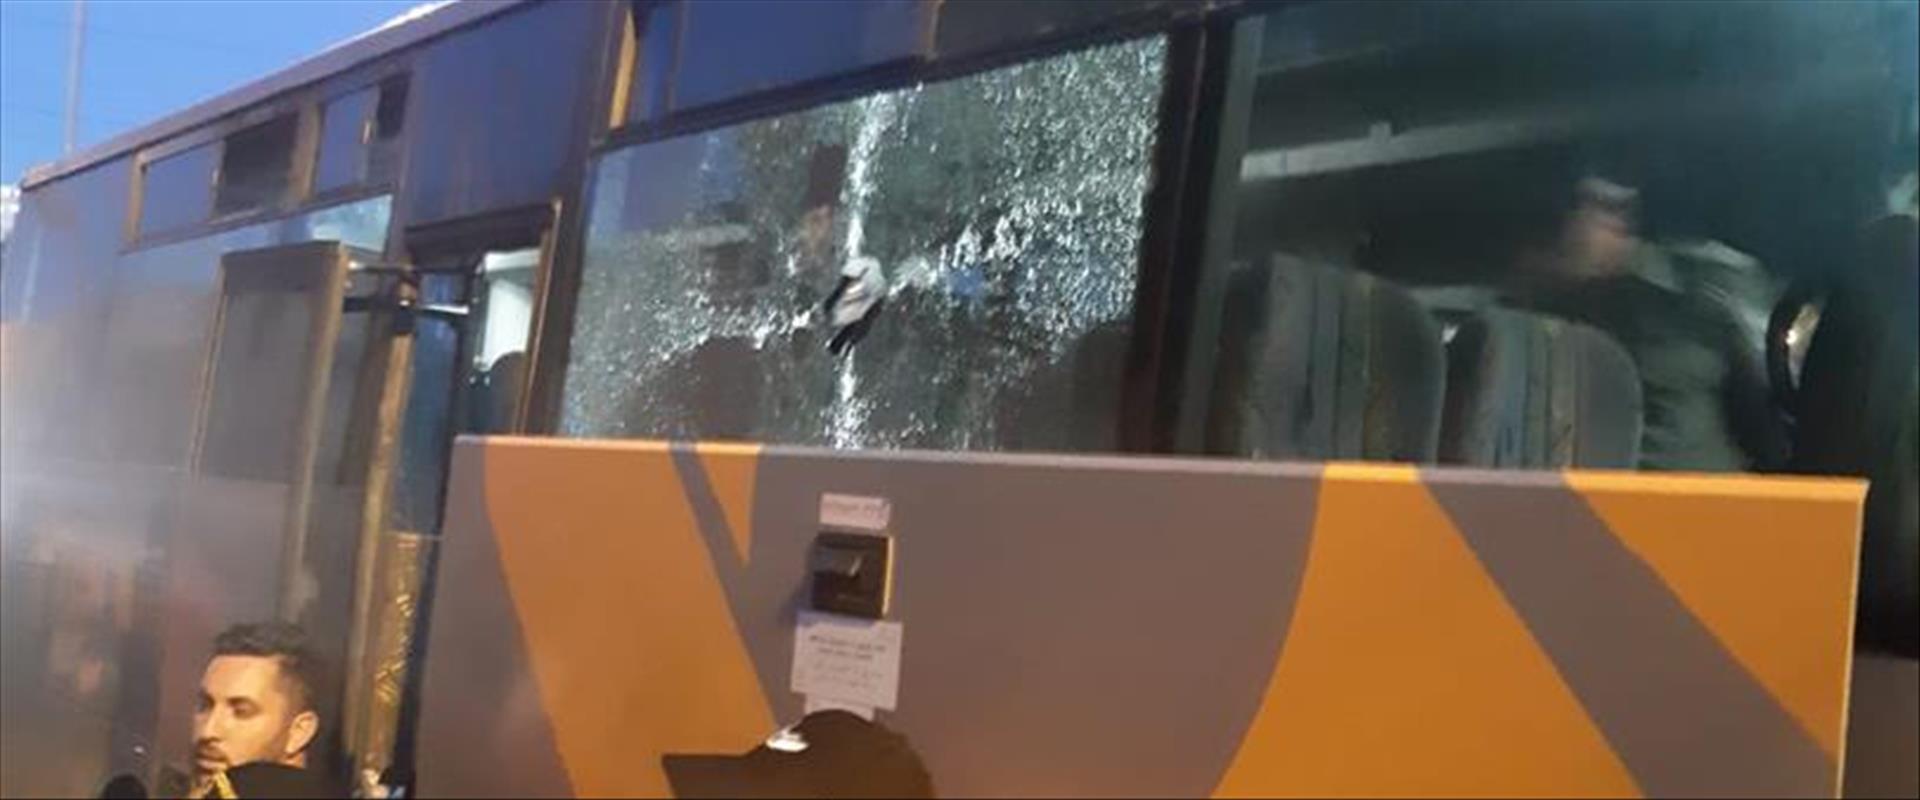 האוטובוס שהותקף